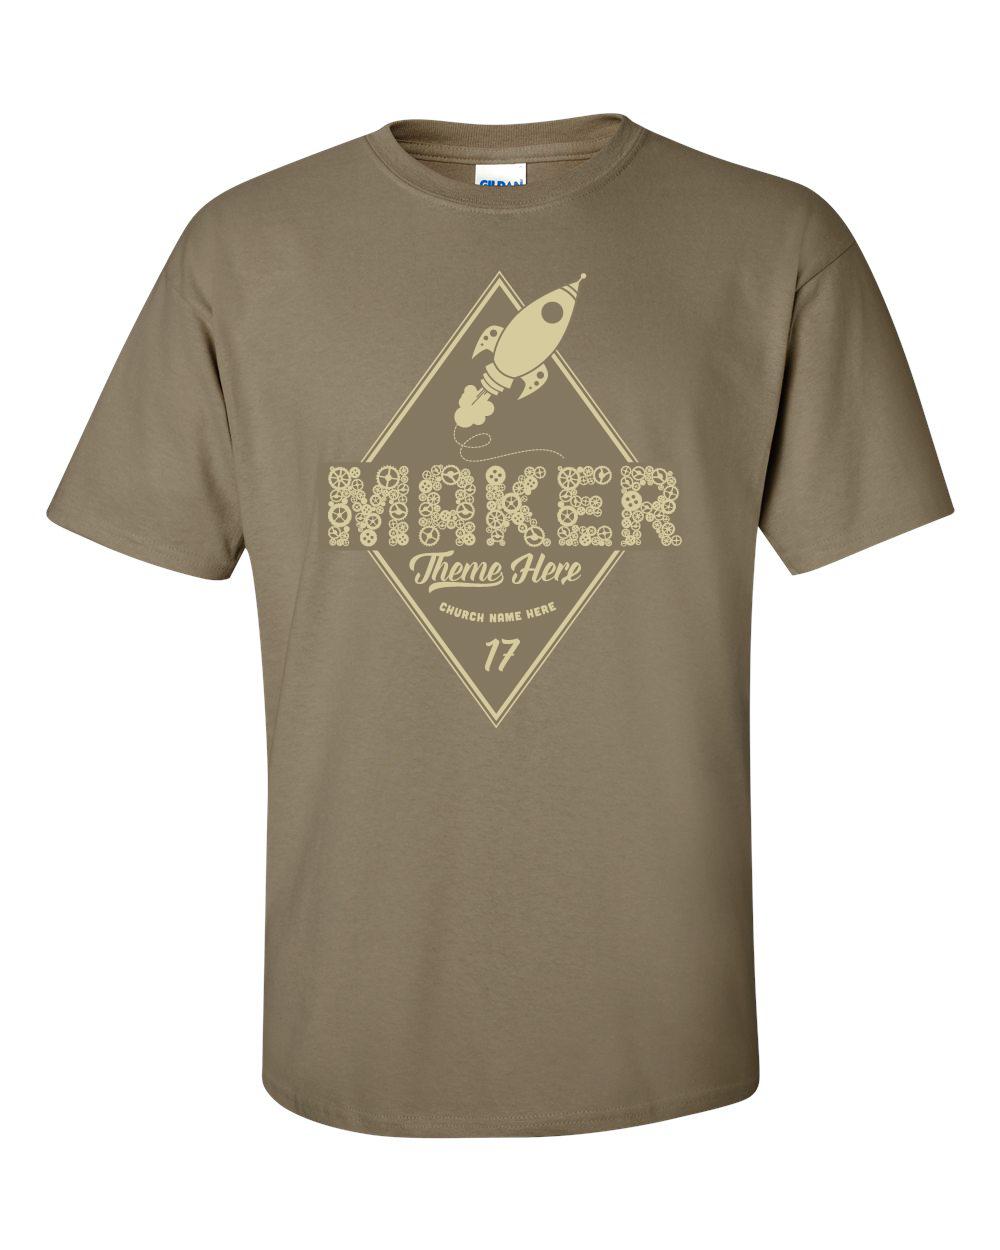 Maker 2-01.jpg